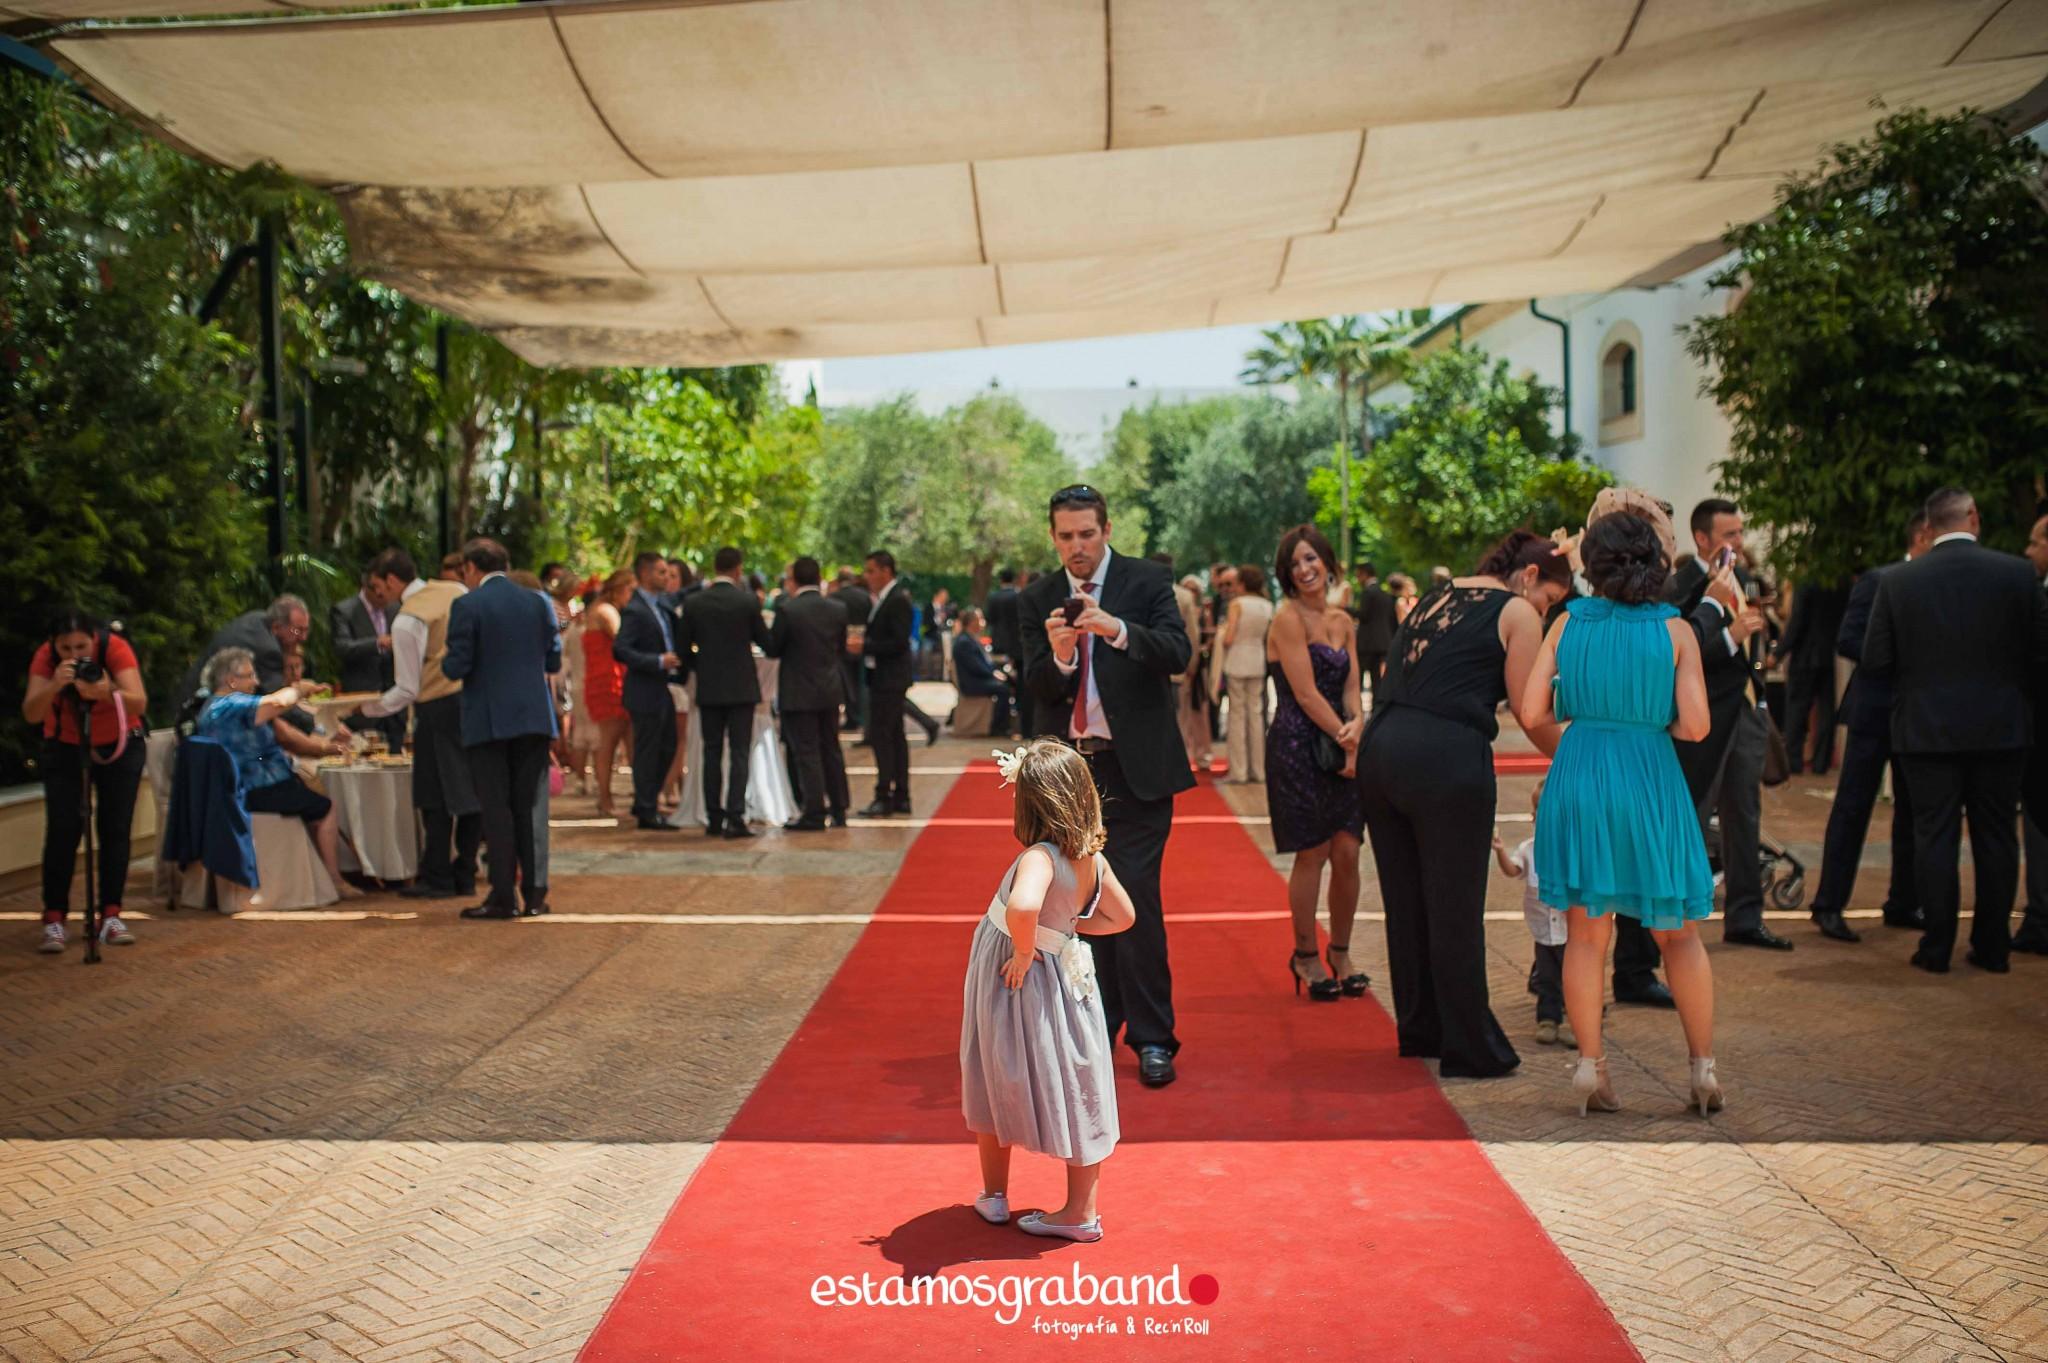 raquel-ale-48-de-68 Raquel & Ale - video boda cadiz